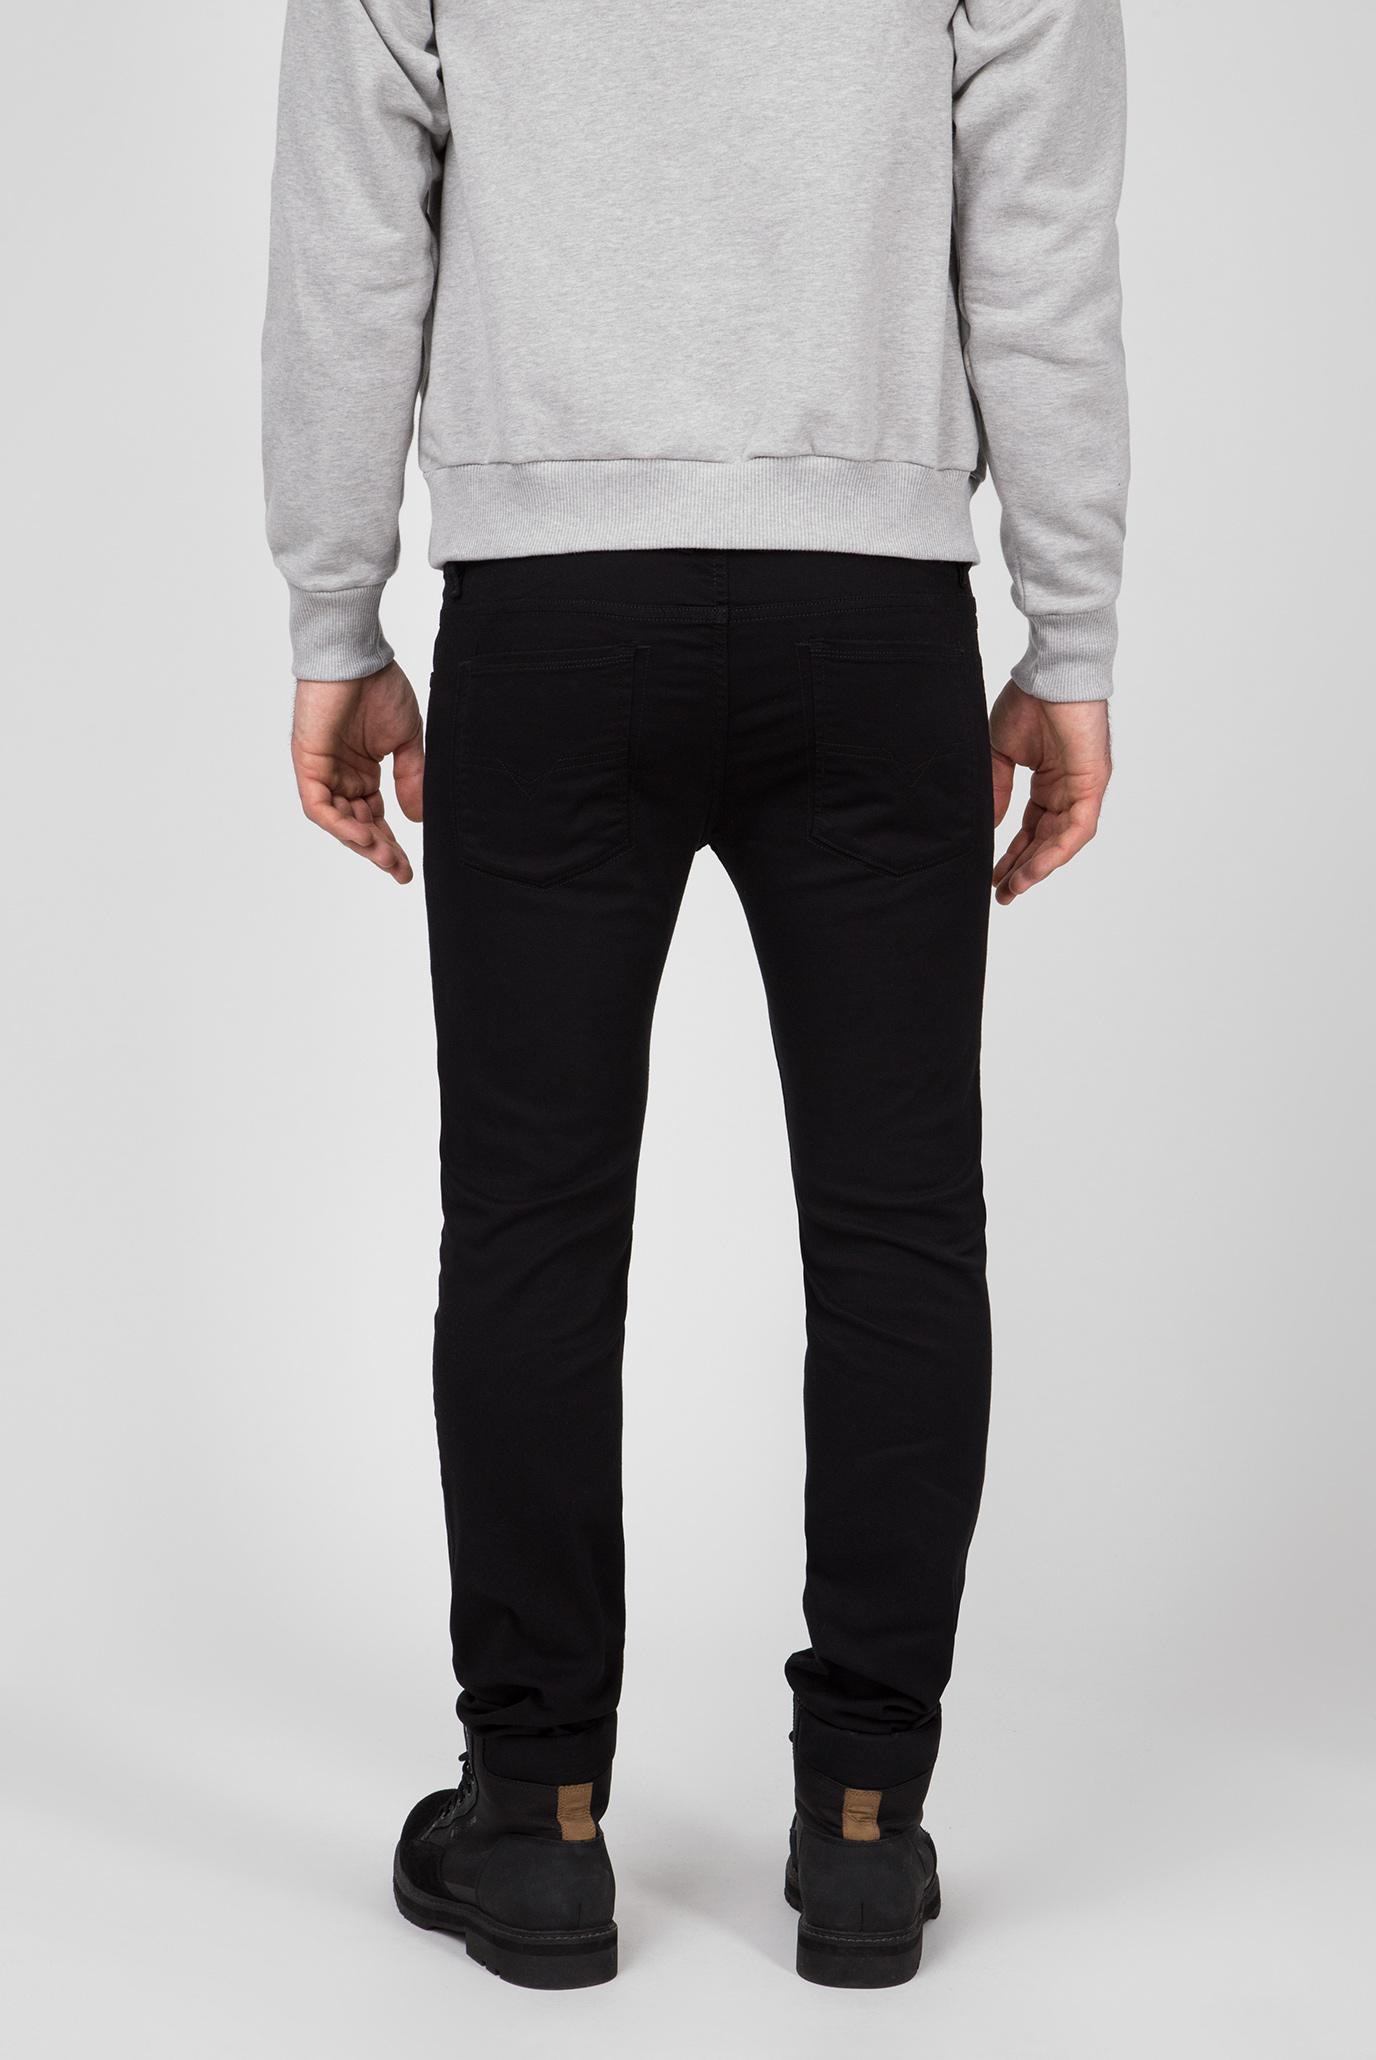 Купить Мужские черные джинсы SLEENKER Diesel Diesel 00S7VG 069EI – Киев, Украина. Цены в интернет магазине MD Fashion